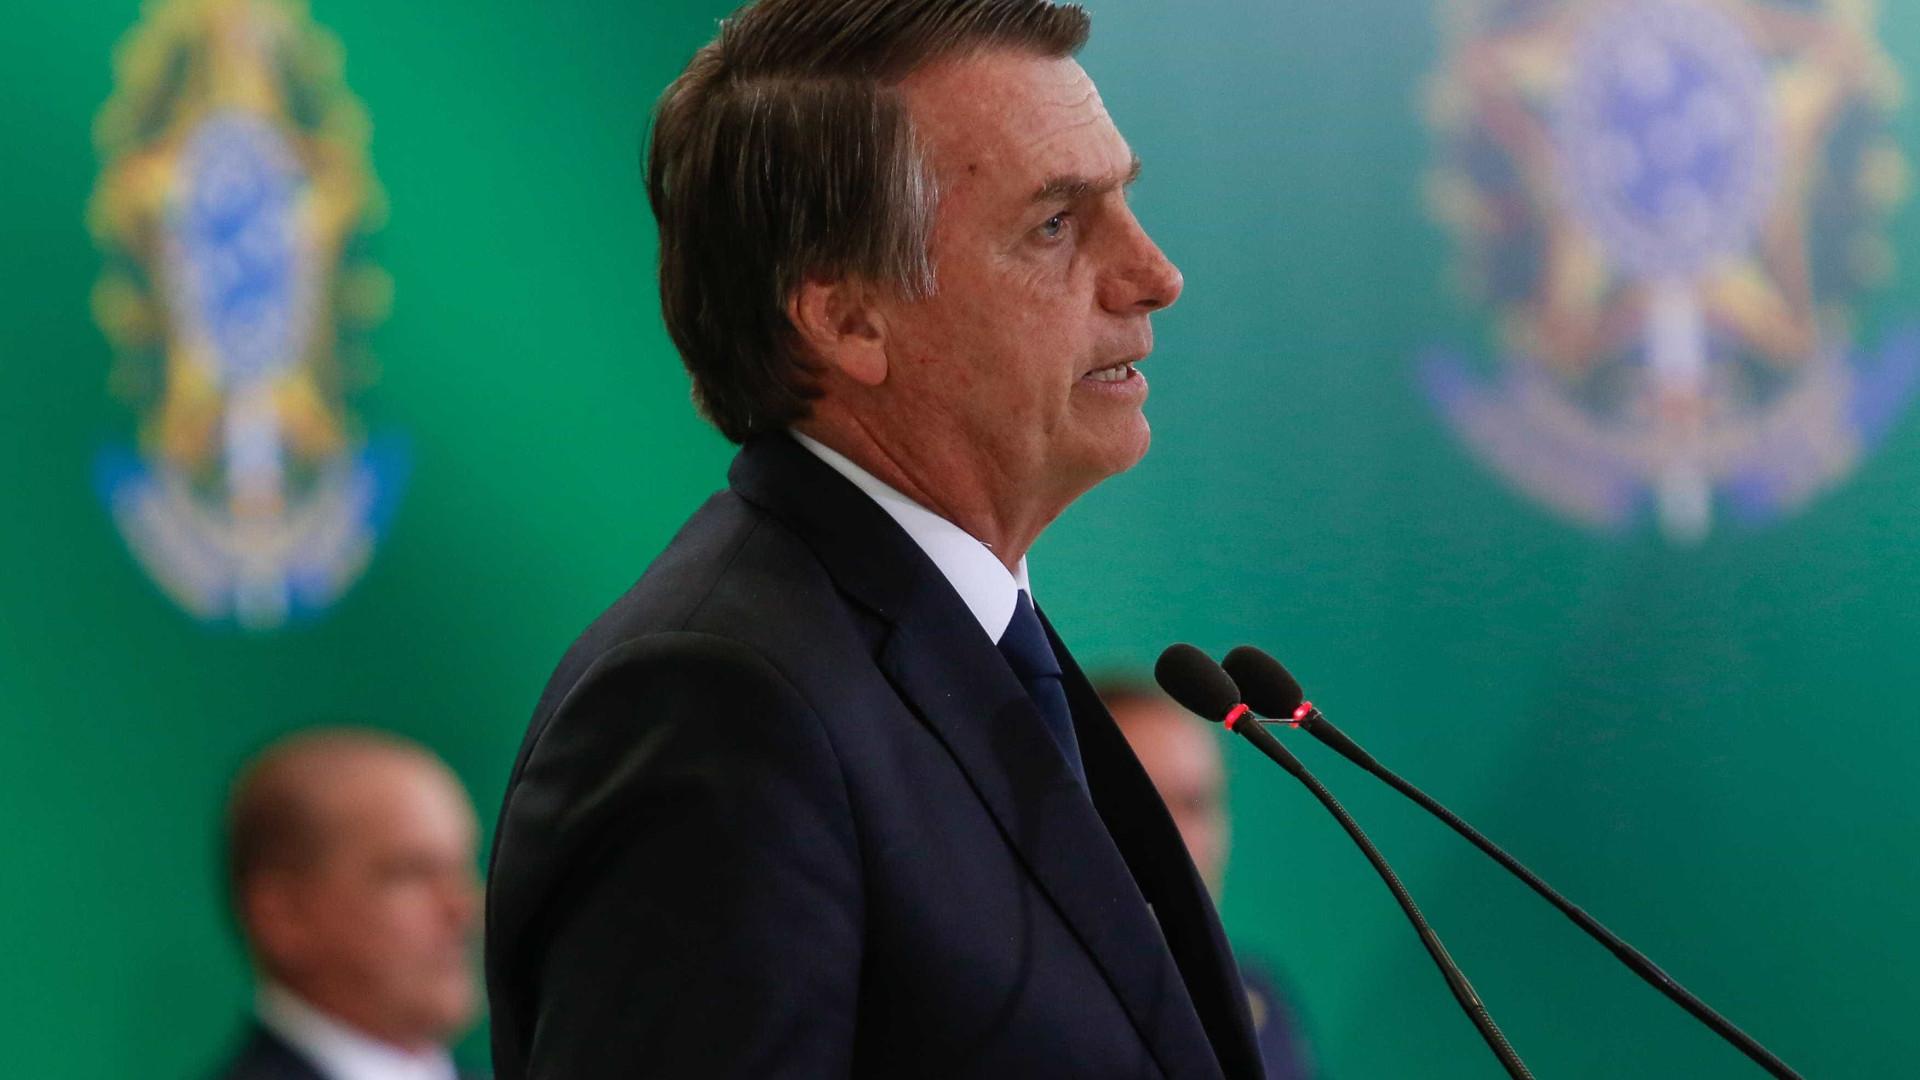 Na primeira semana de mandato, Bolsonaro tuíta 70% a mais que Trump